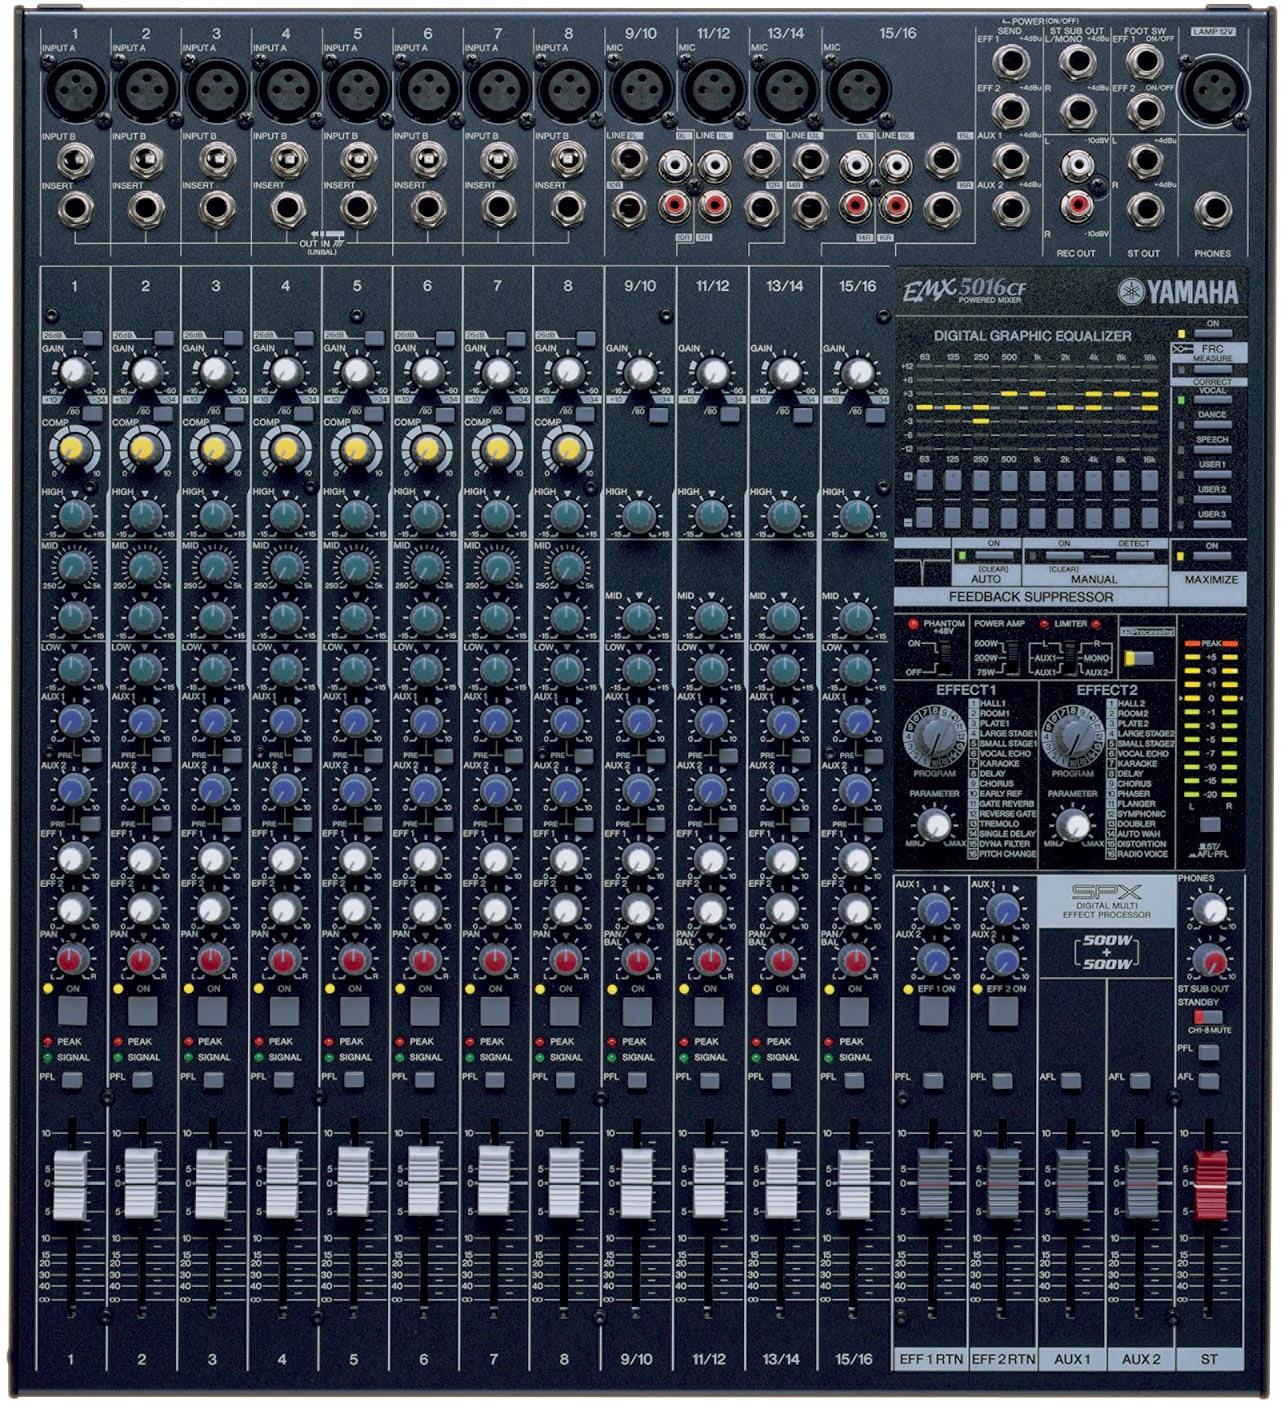 kurnia musik semarang yamaha emx5016cf power mixer rh kurniamusiksemarang com yamaha emx512sc powered mixer owner's manual yamaha emx860st powered mixer manual